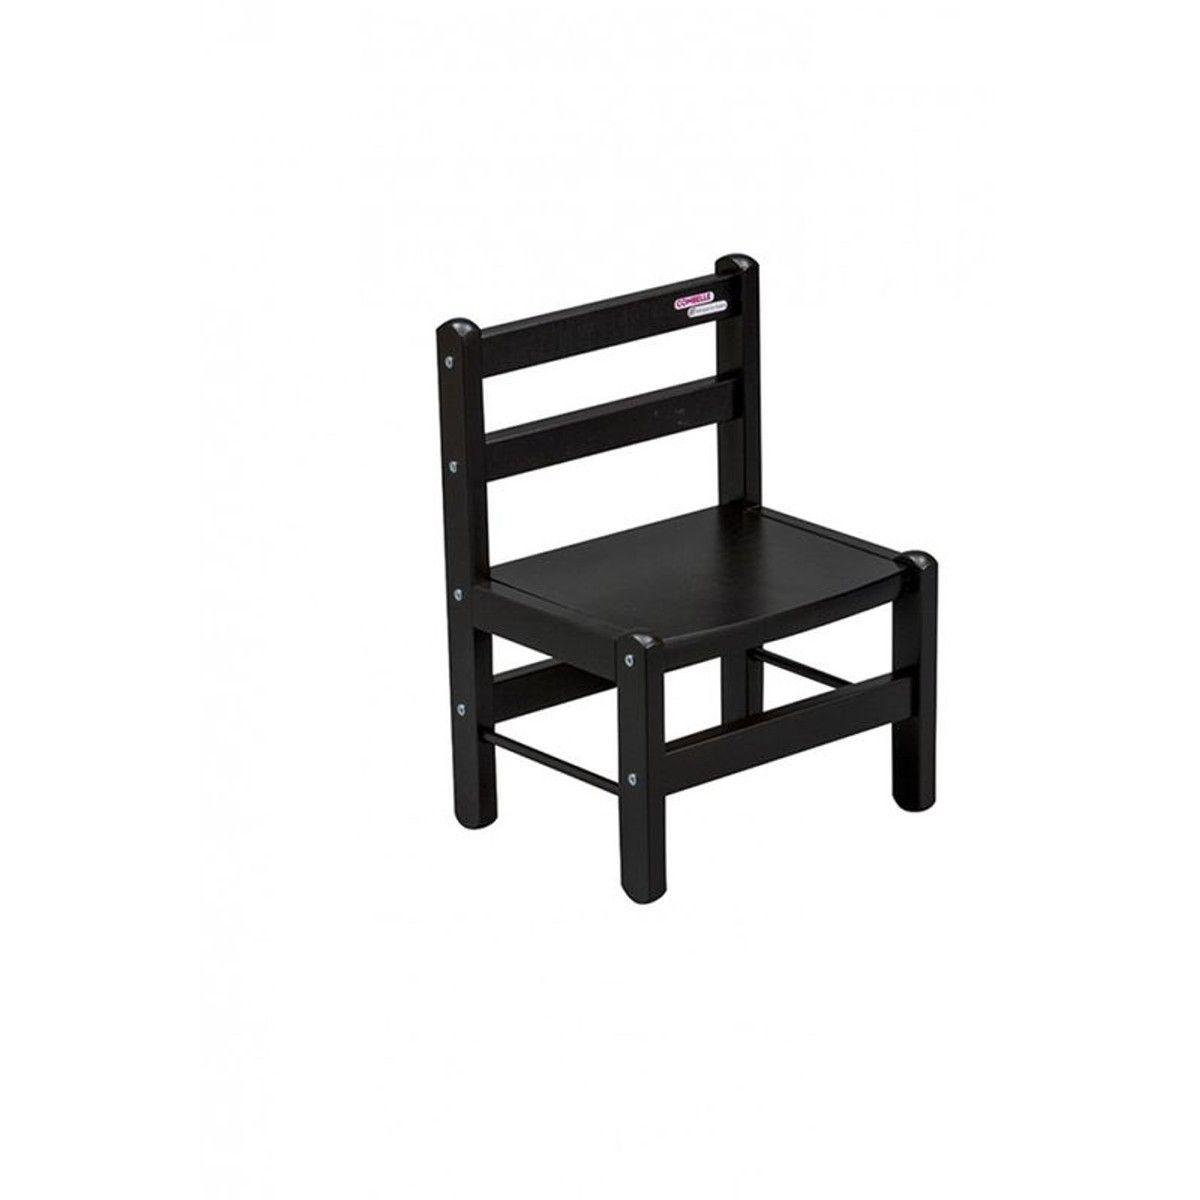 Chaise Basse Bebe Laque Taille Taille Unique Chaise Bois Et